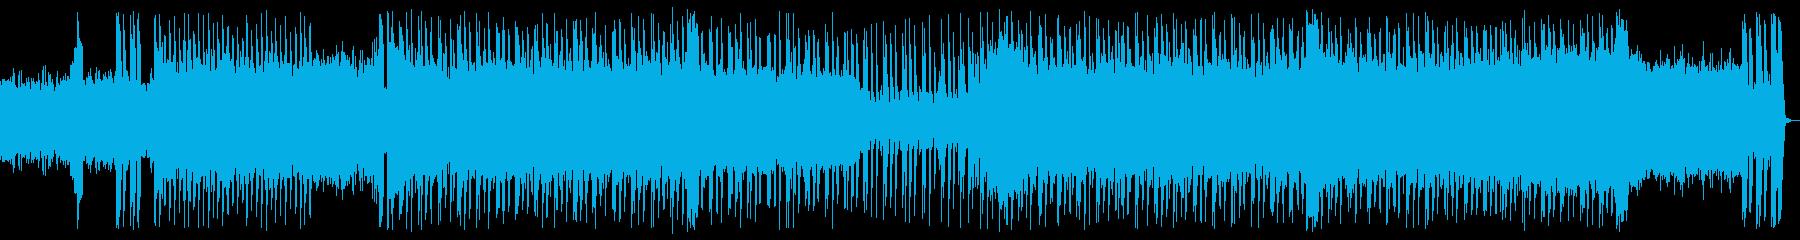 激しく攻撃的なエレクトロの再生済みの波形